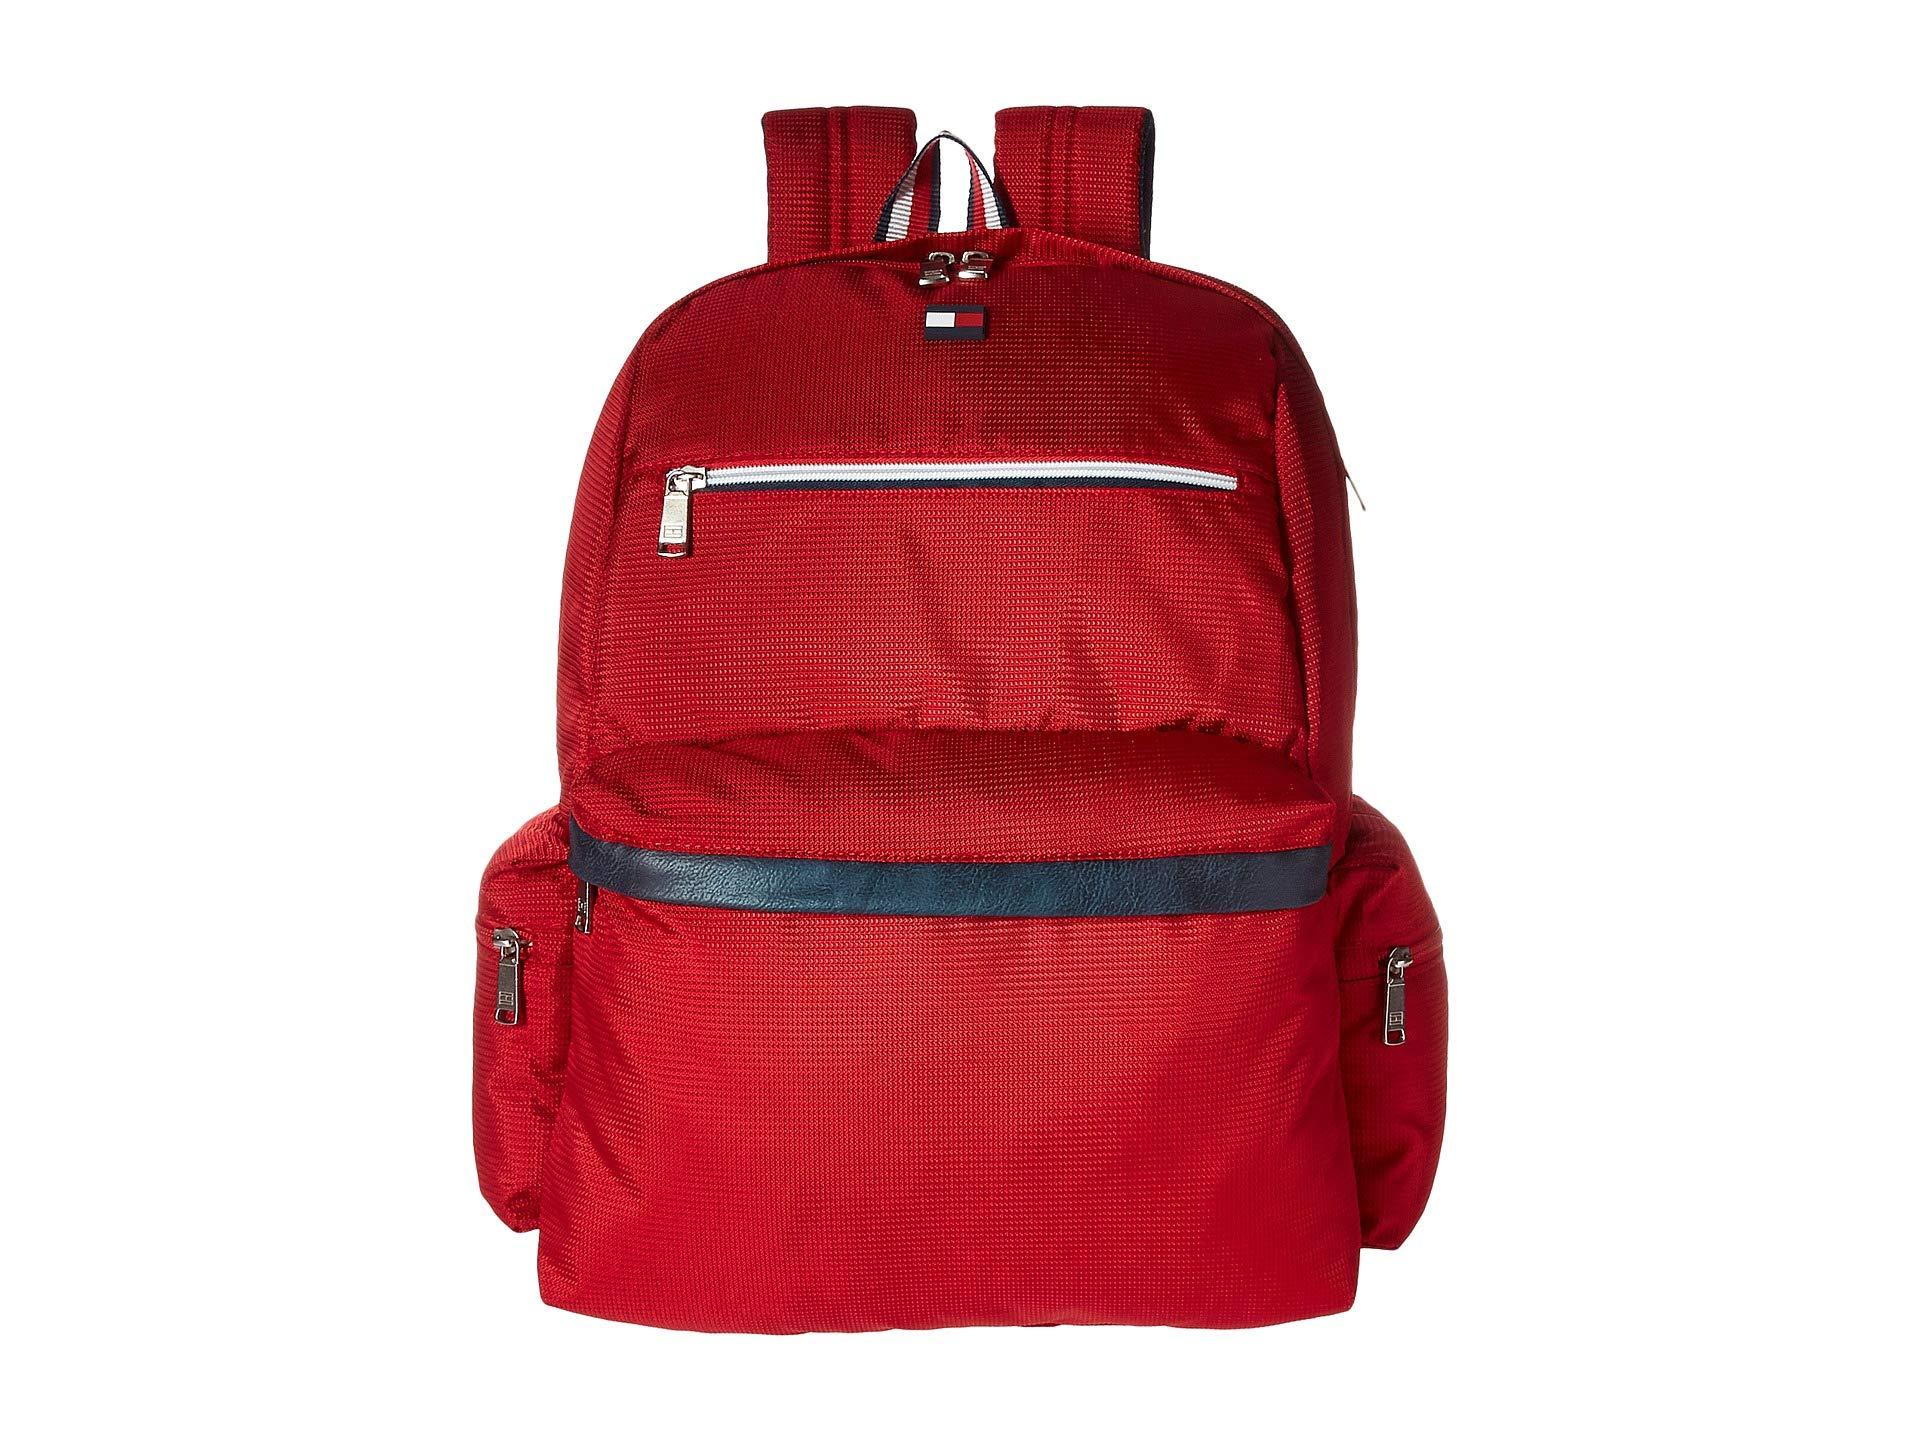 Morral para Hombre Tommy Hilfiger Lenox Hill Backpack  + Tommy Hilfiger en VeoyCompro.net